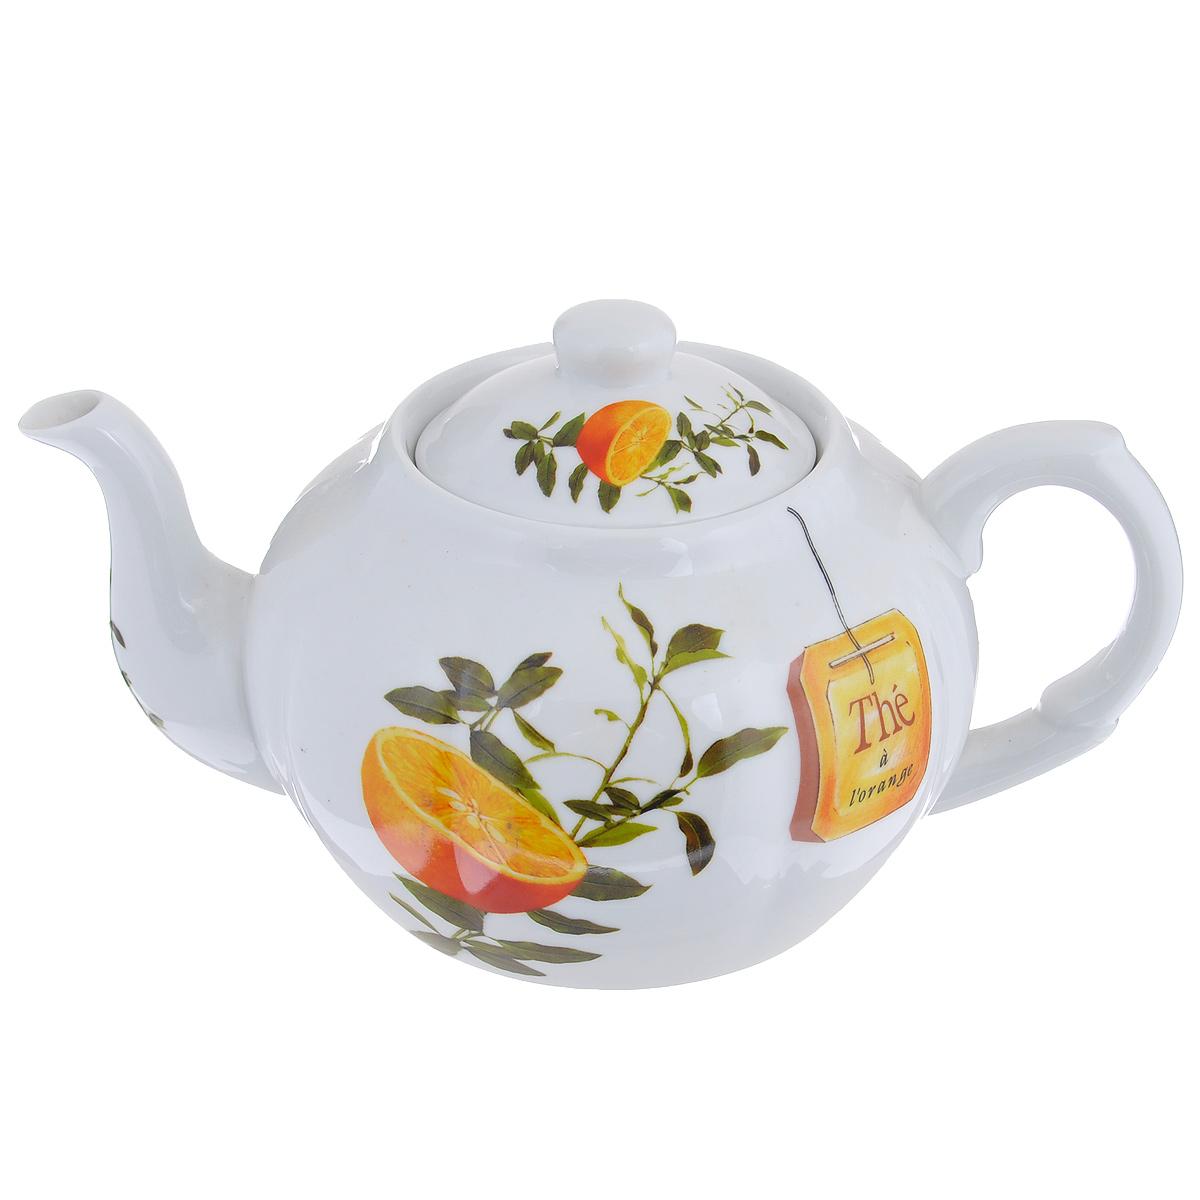 Чайник заварочный Larange Апельсин, 1 л586-242Чайник Larange Апельсин выполнен из высококачественного фарфора. Чайник декорирован изображением апельсинов. Чайник Larange Апельсин предназначен для заваривания чая. Элегантный дизайн и совершенные формы чайника привлекут к себе внимание и украсят интерьер вашей кухни. Чайник Larange Апельсин будет не только прекрасным украшением вашего стола, но и отличным подарком к любому празднику. Не использовать в микроволновой печи. Не применять абразивные чистящие вещества.